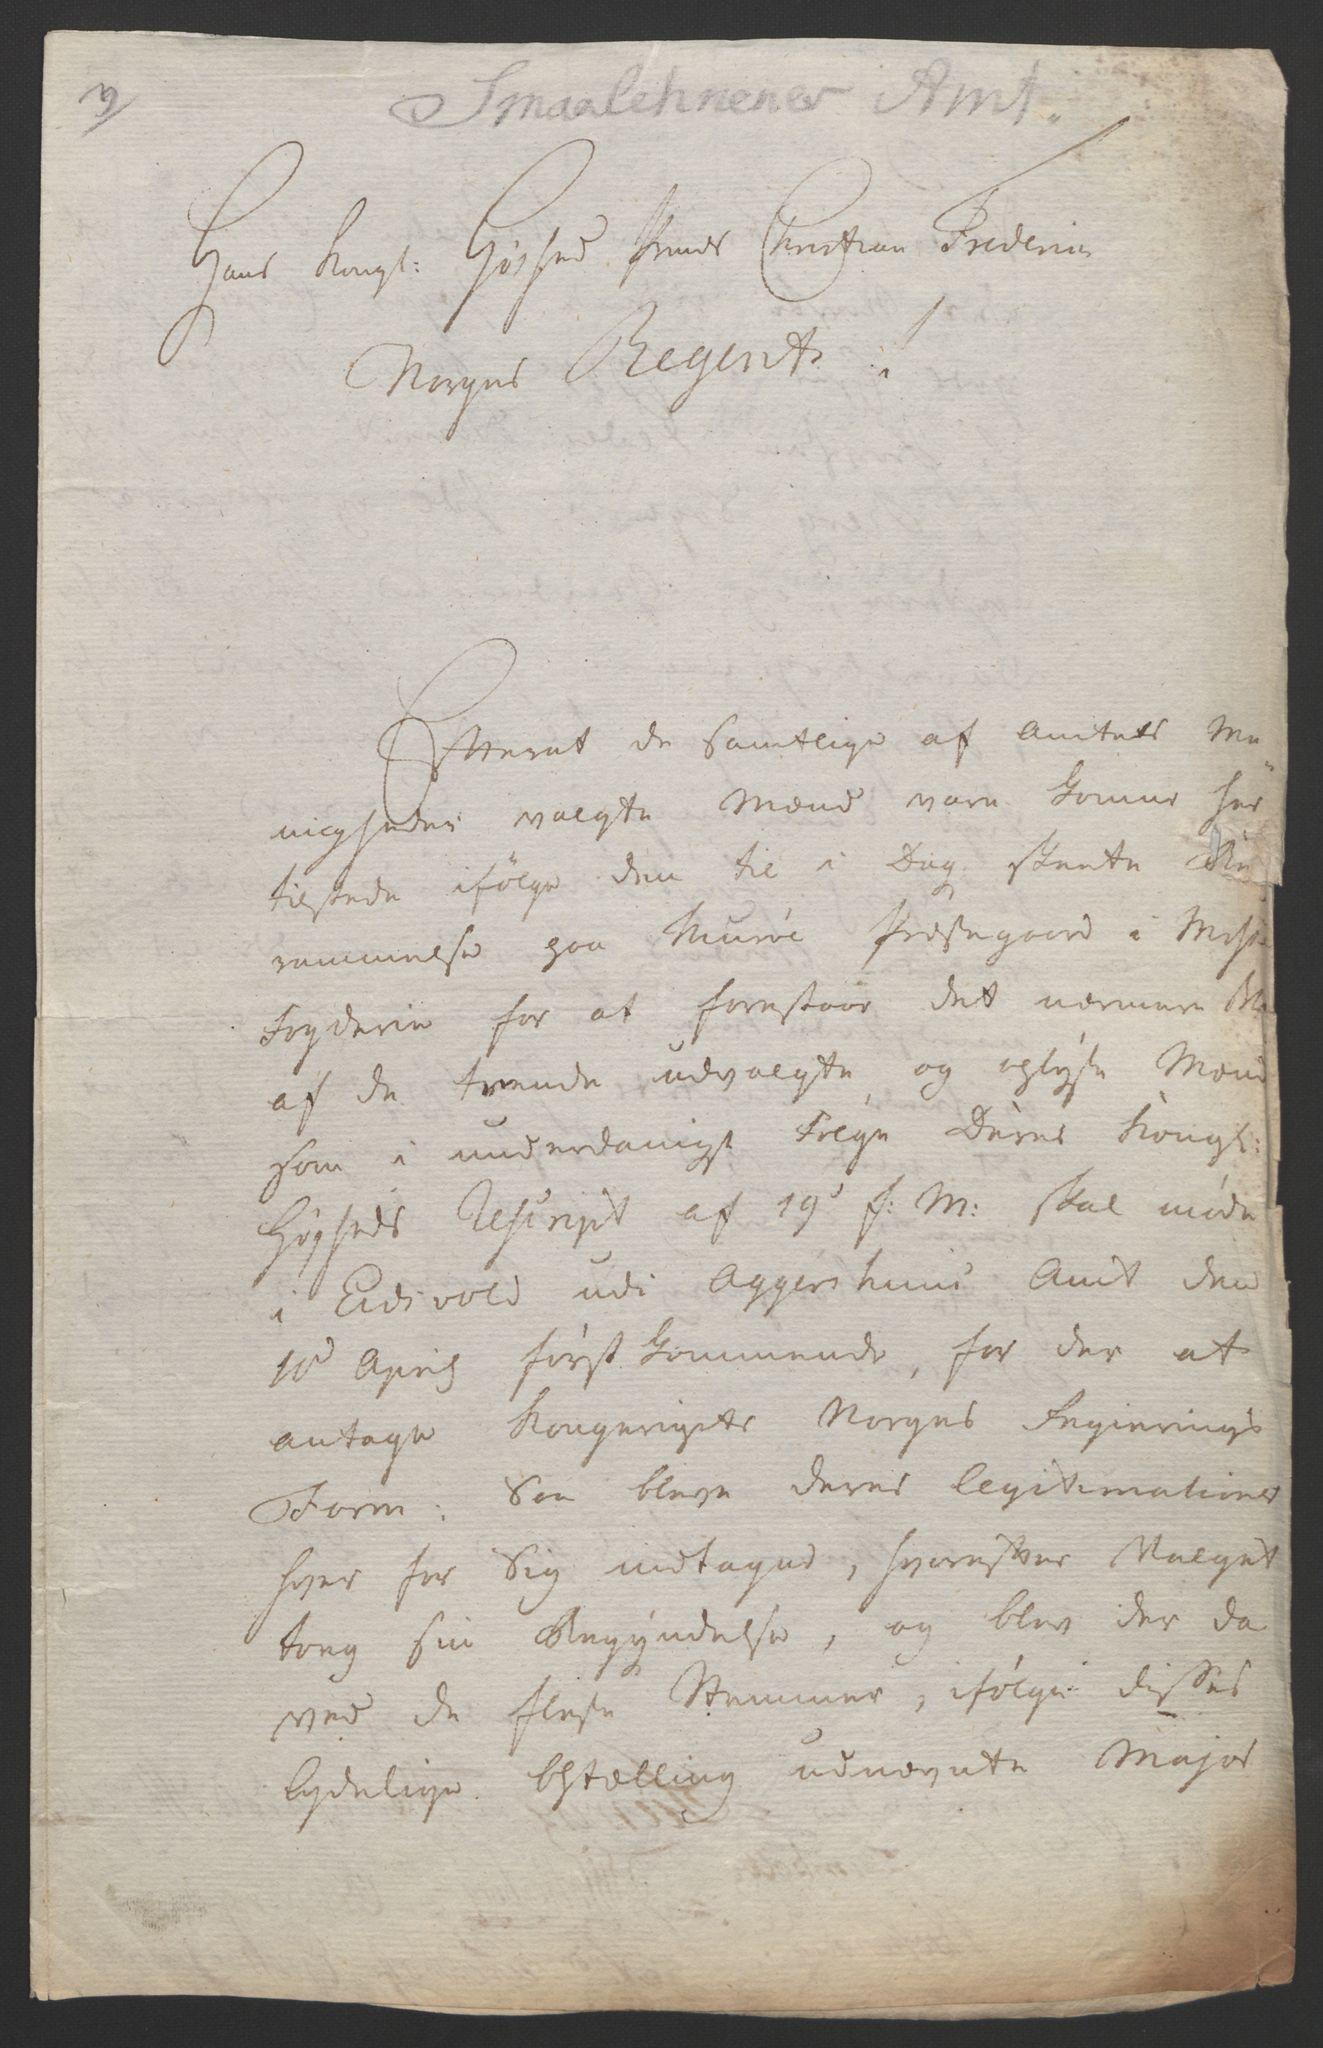 RA, Statsrådssekretariatet, D/Db/L0007: Fullmakter for Eidsvollsrepresentantene i 1814. , 1814, s. 138